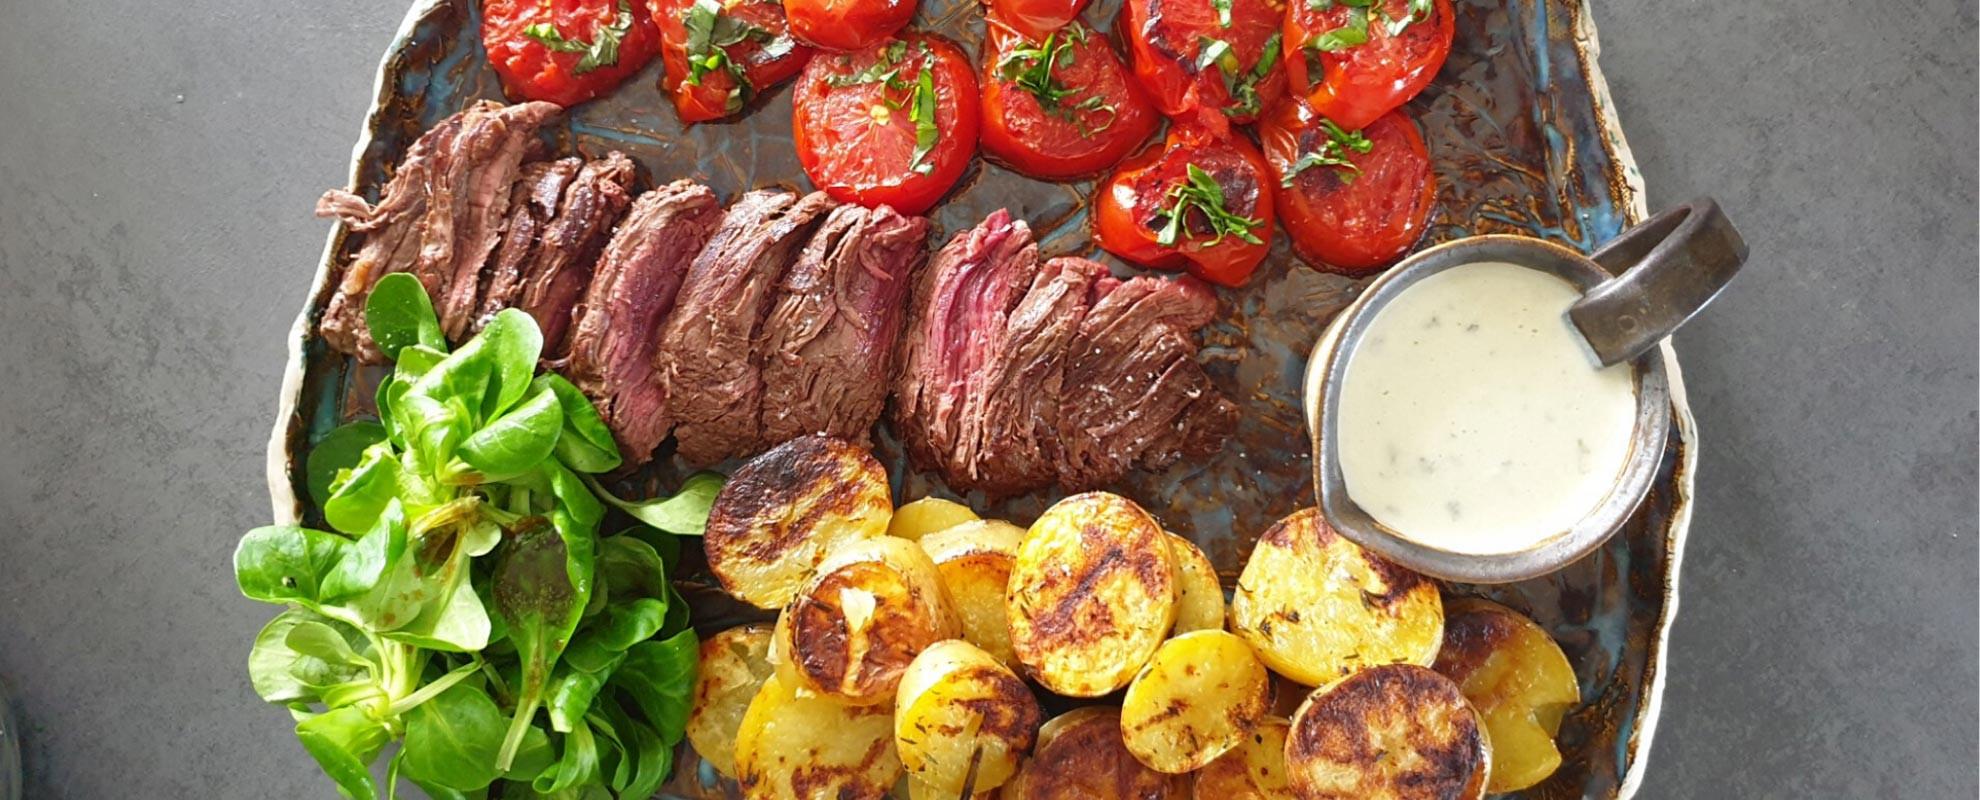 Les délicieuses recettes réalisées avec les barbecues et planchas Collet Cuisson